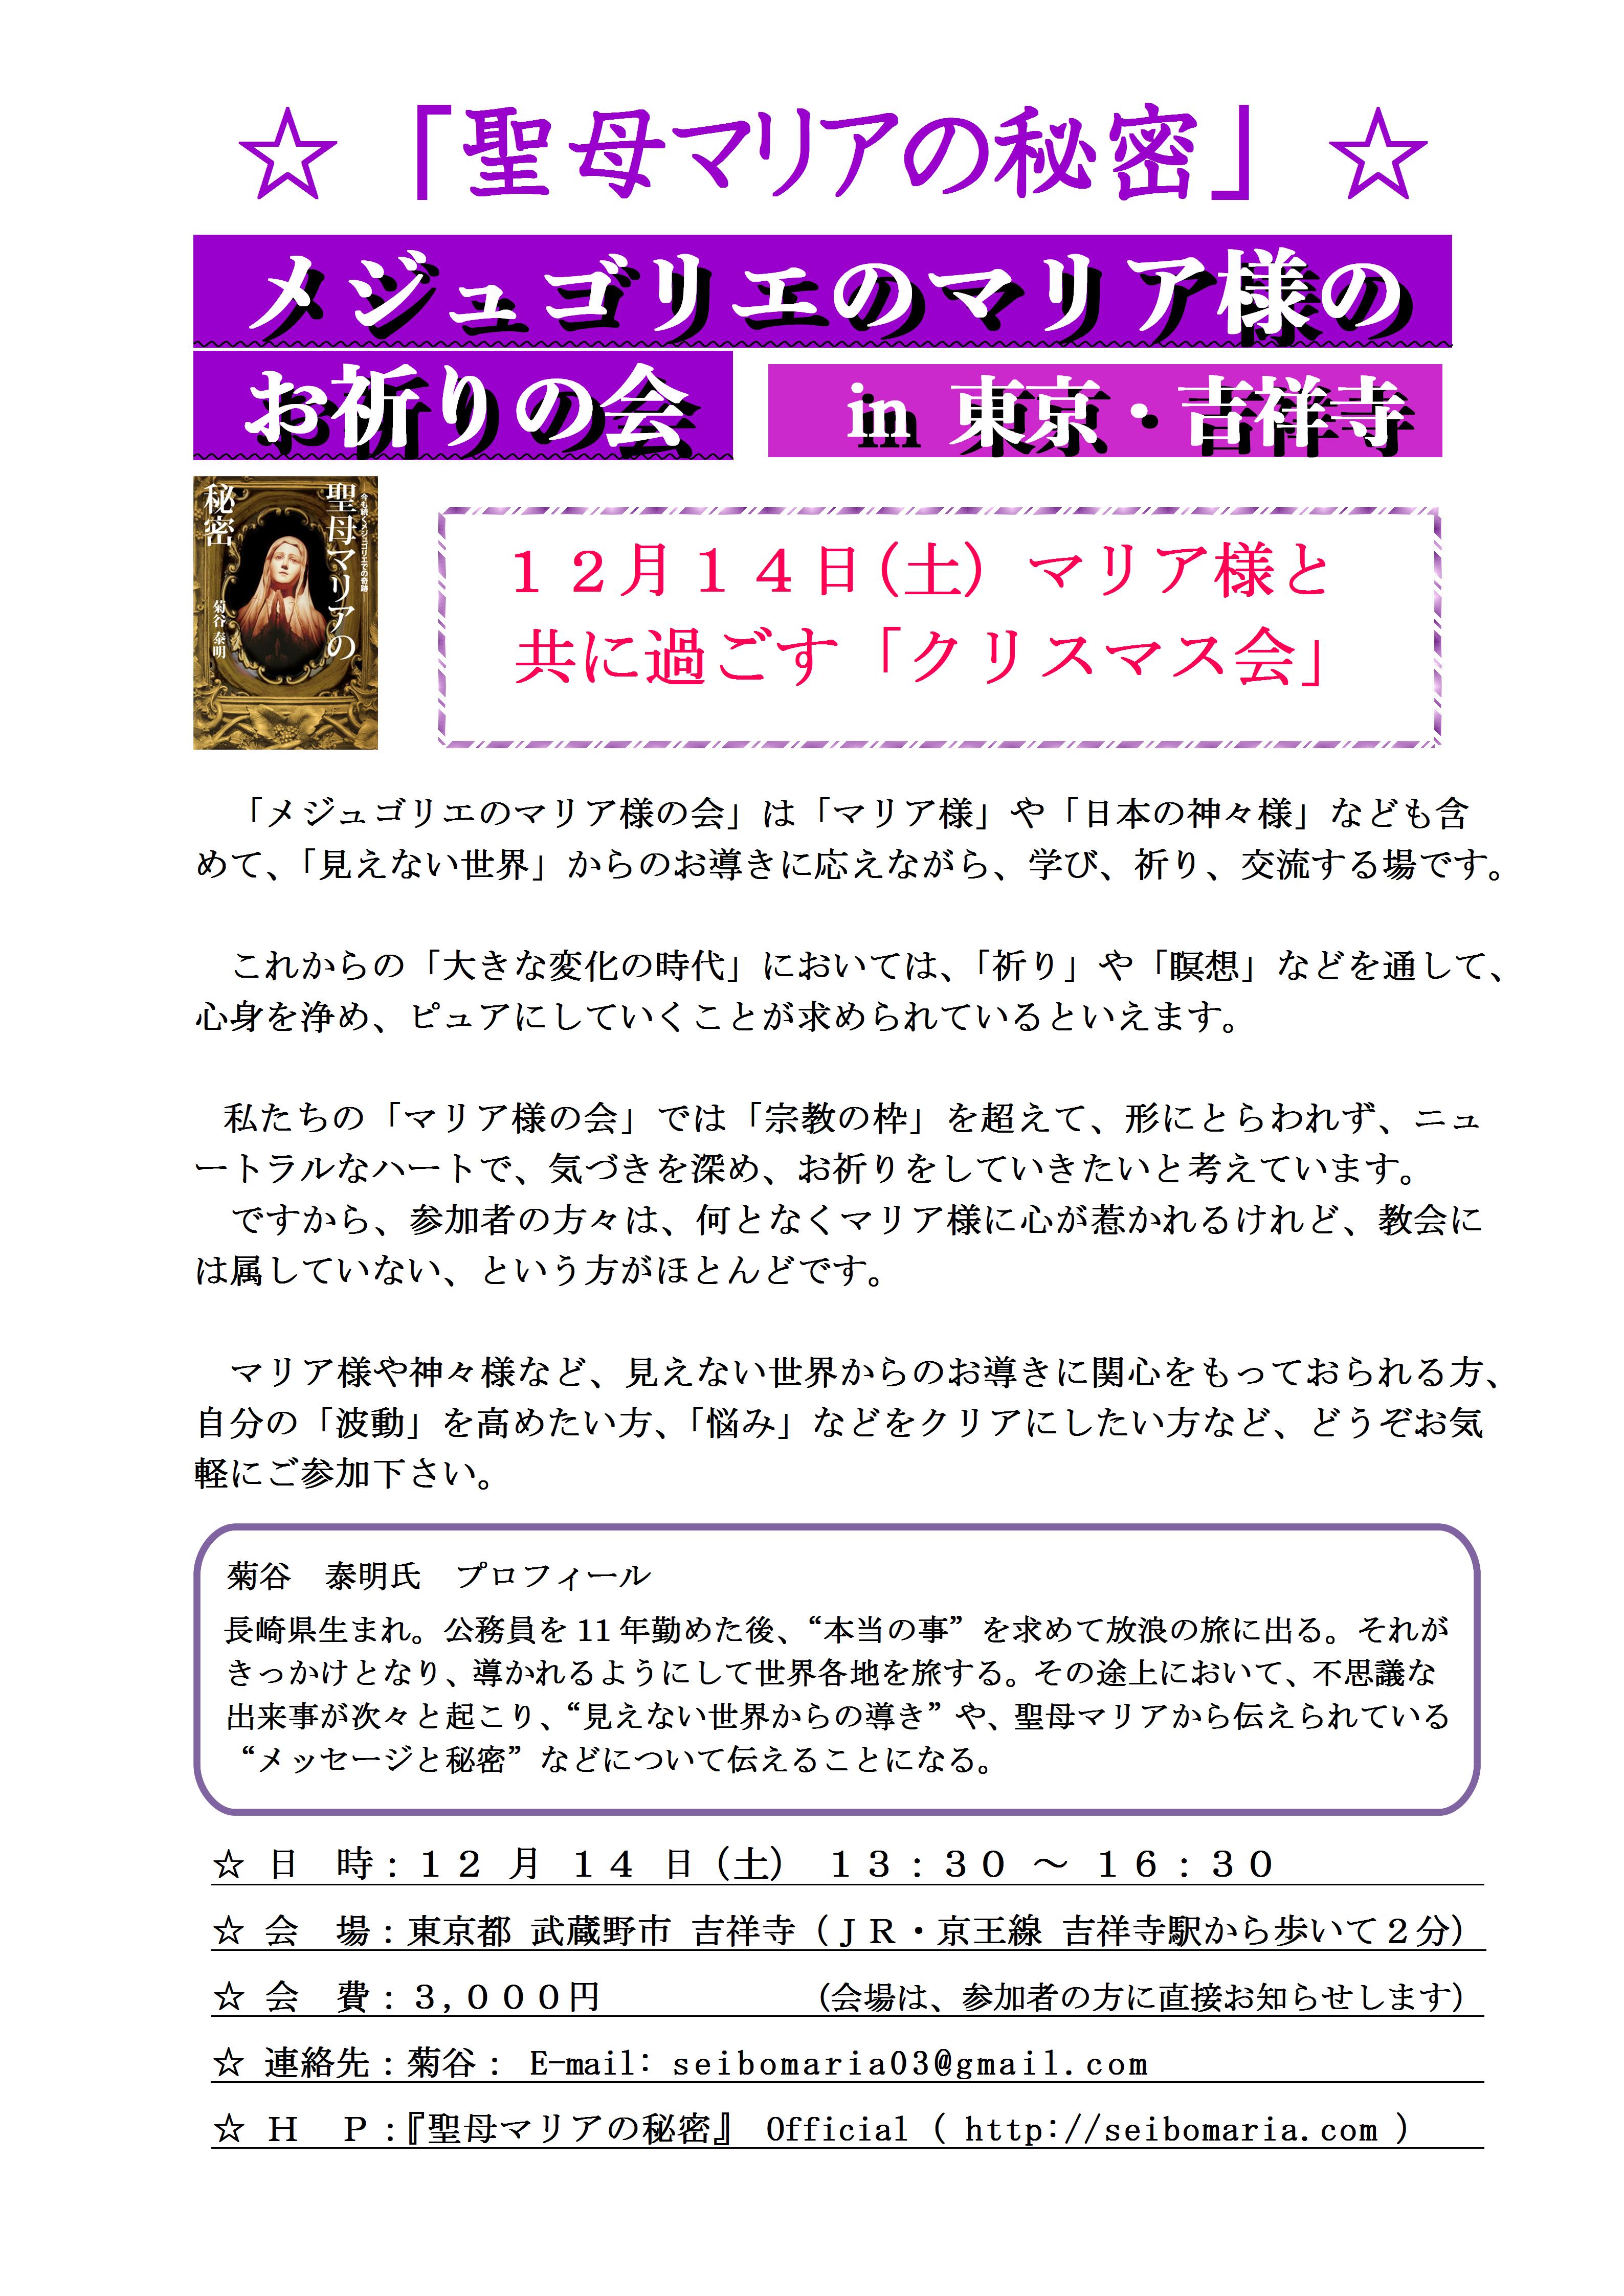 「メジュゴリエのマリア様のお祈りの会」 in 吉祥寺01 のご案内:(2019.12.14).jtd.png